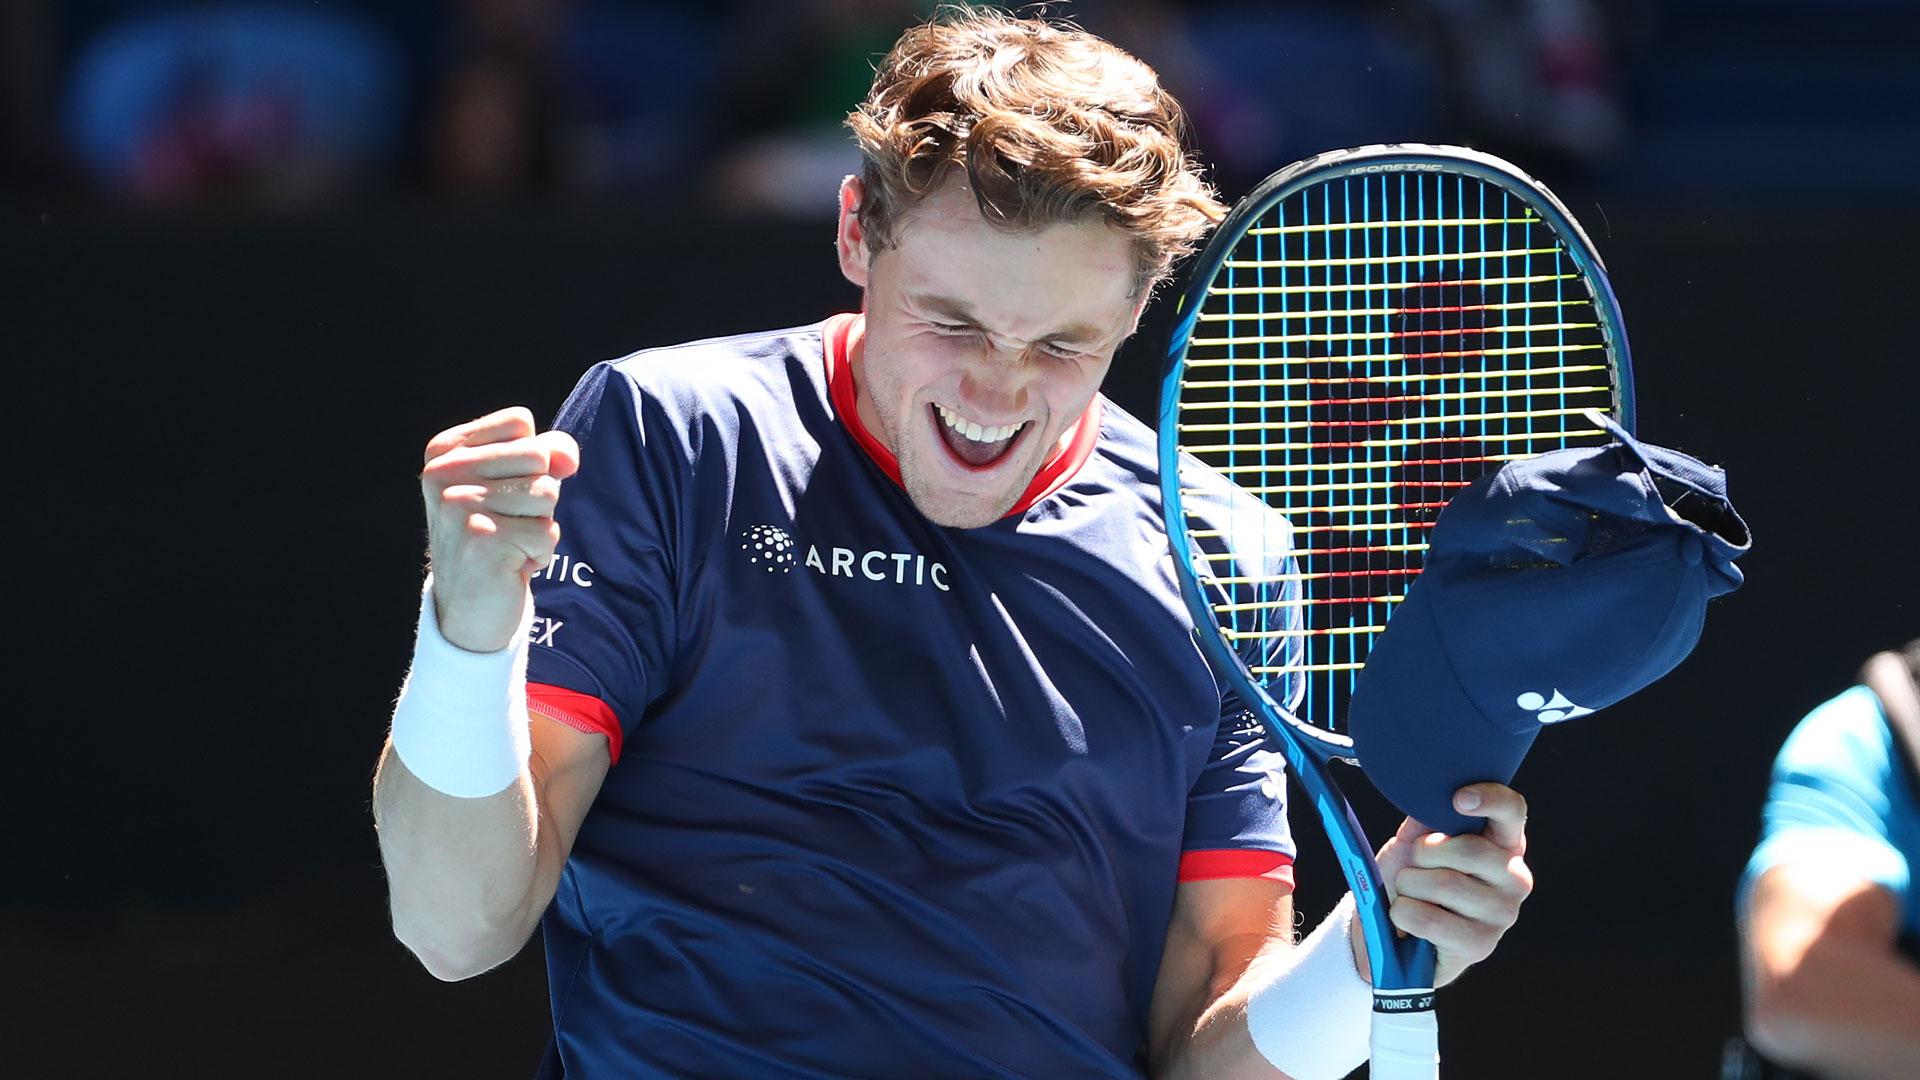 Casper Ruud venceu dois jogadores do top 20 na ATP Cup. Ele pode cruzar o caminho de Zverev